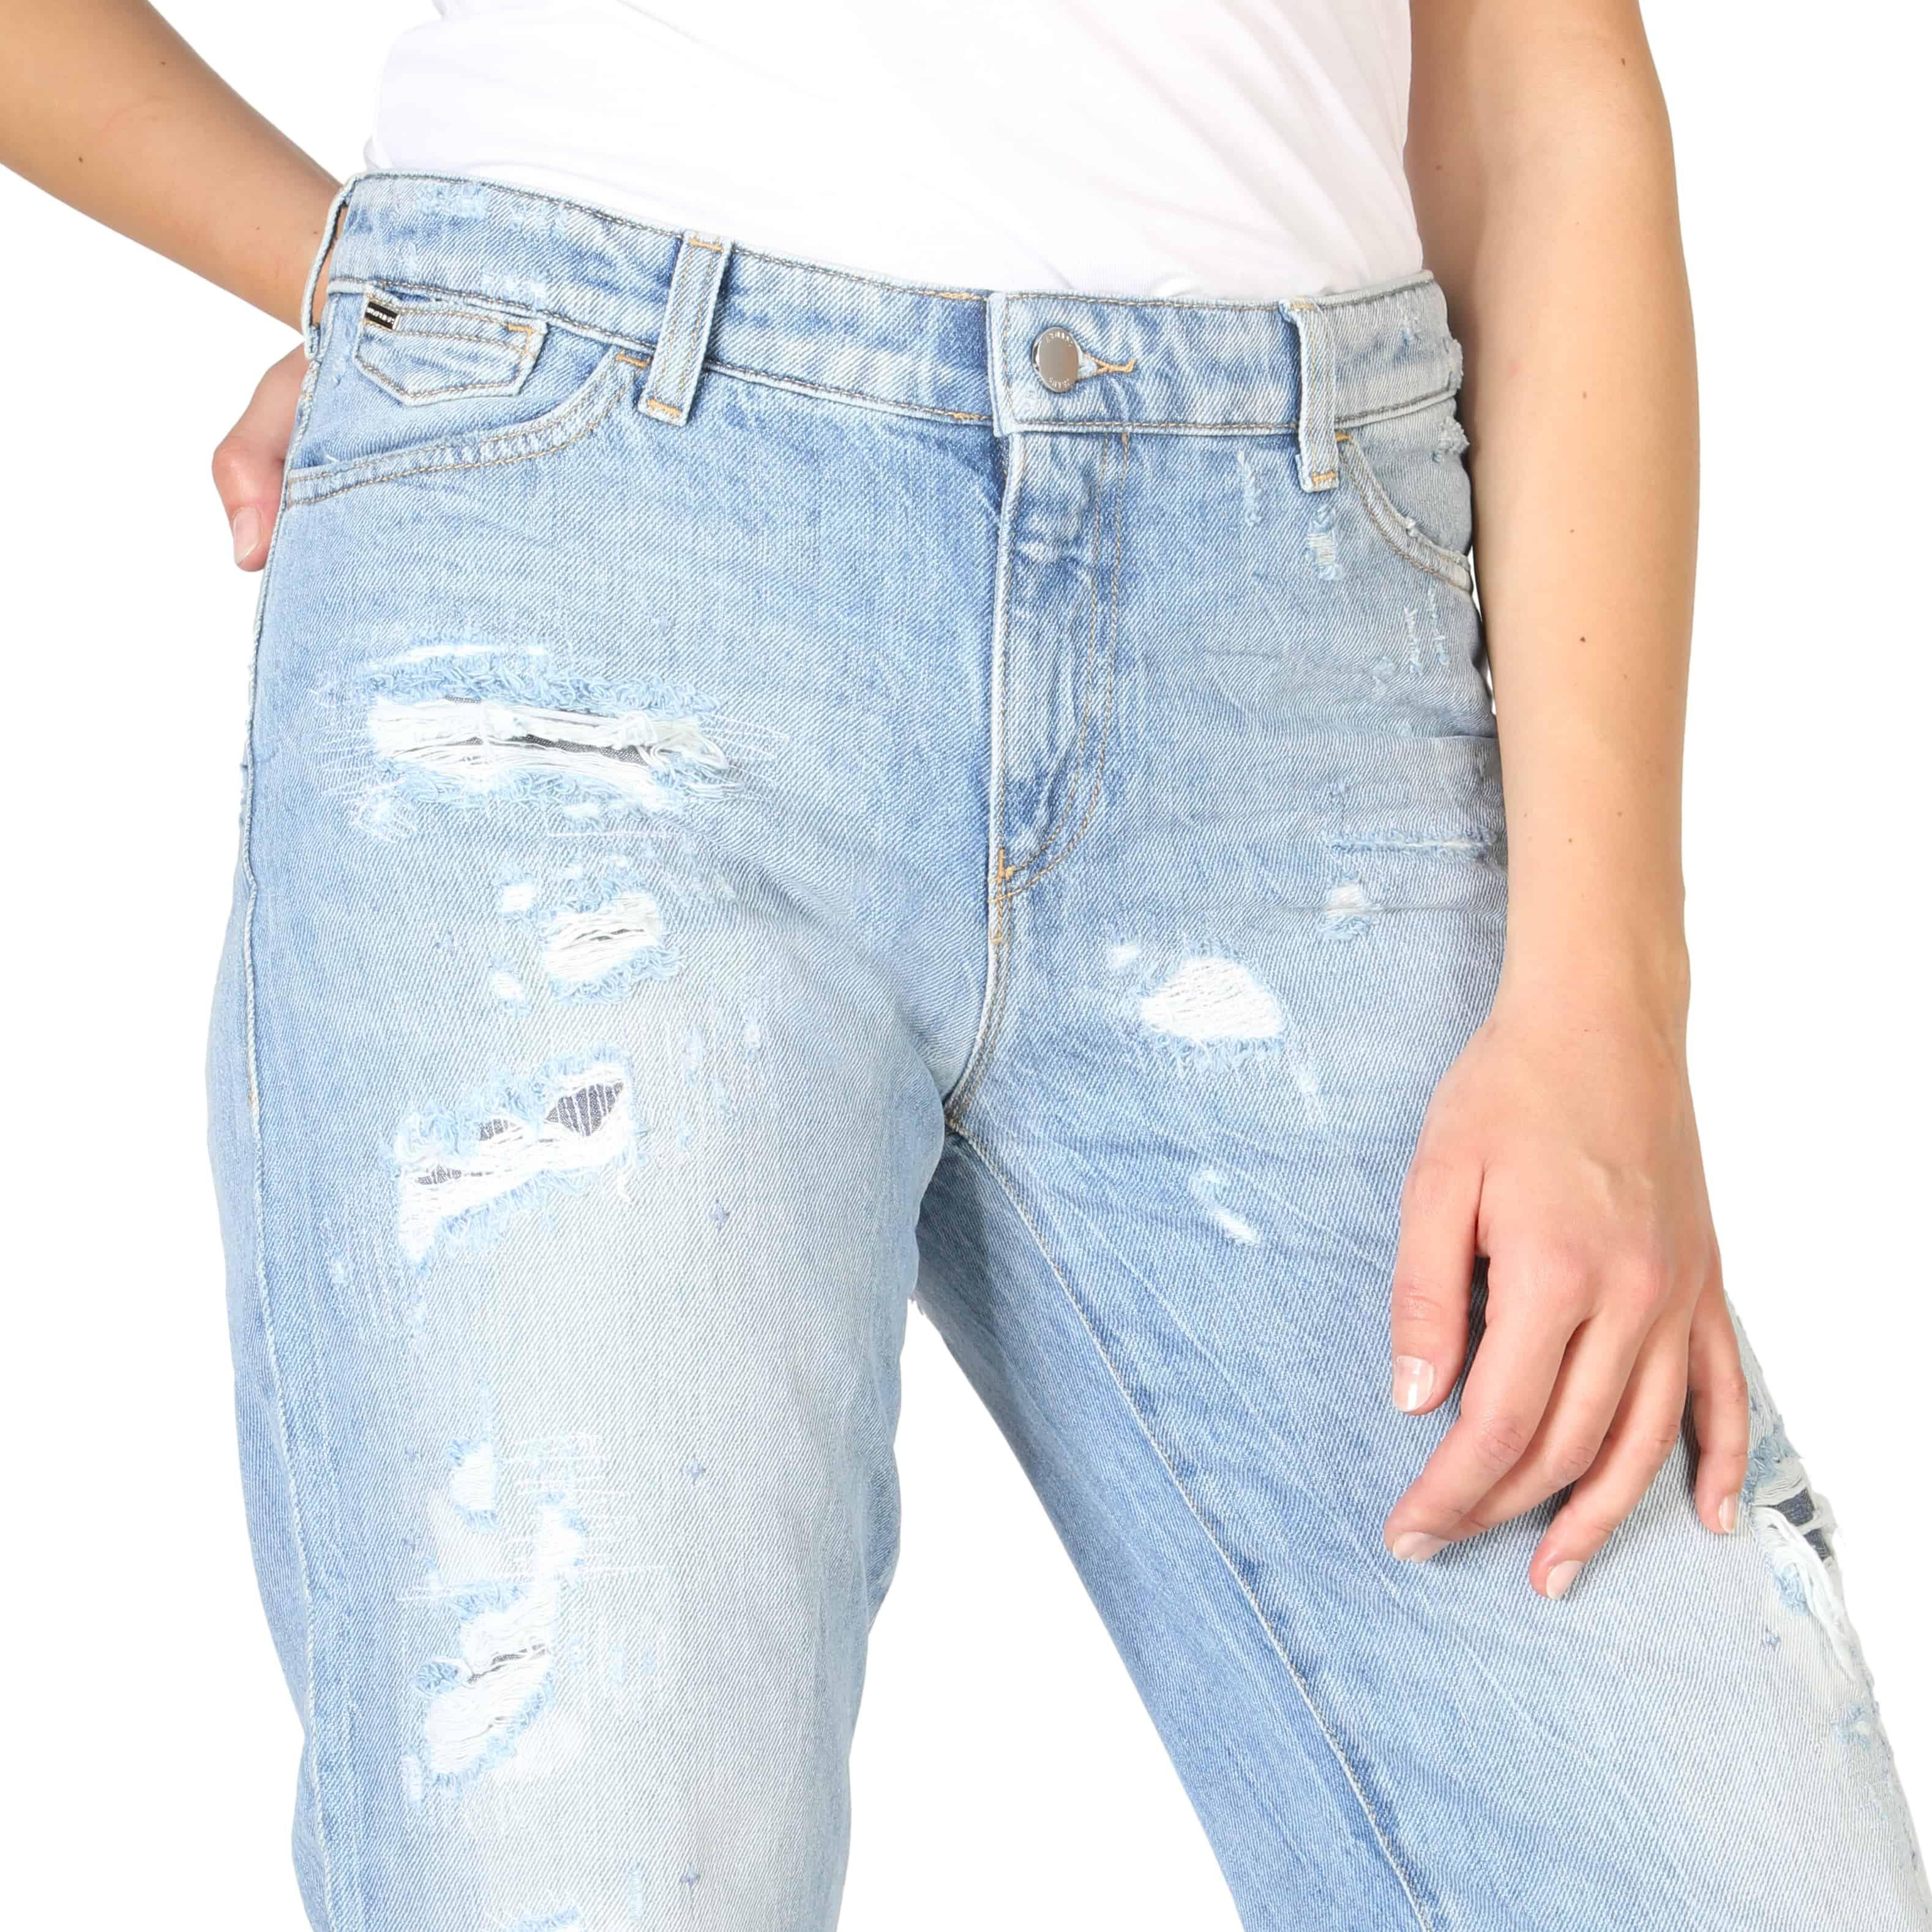 F2619Fa0 A0Cf 11Ea A5Cb 814F3D3B558F Armani Jeans - 3Y5J12_5D1Az - Blue